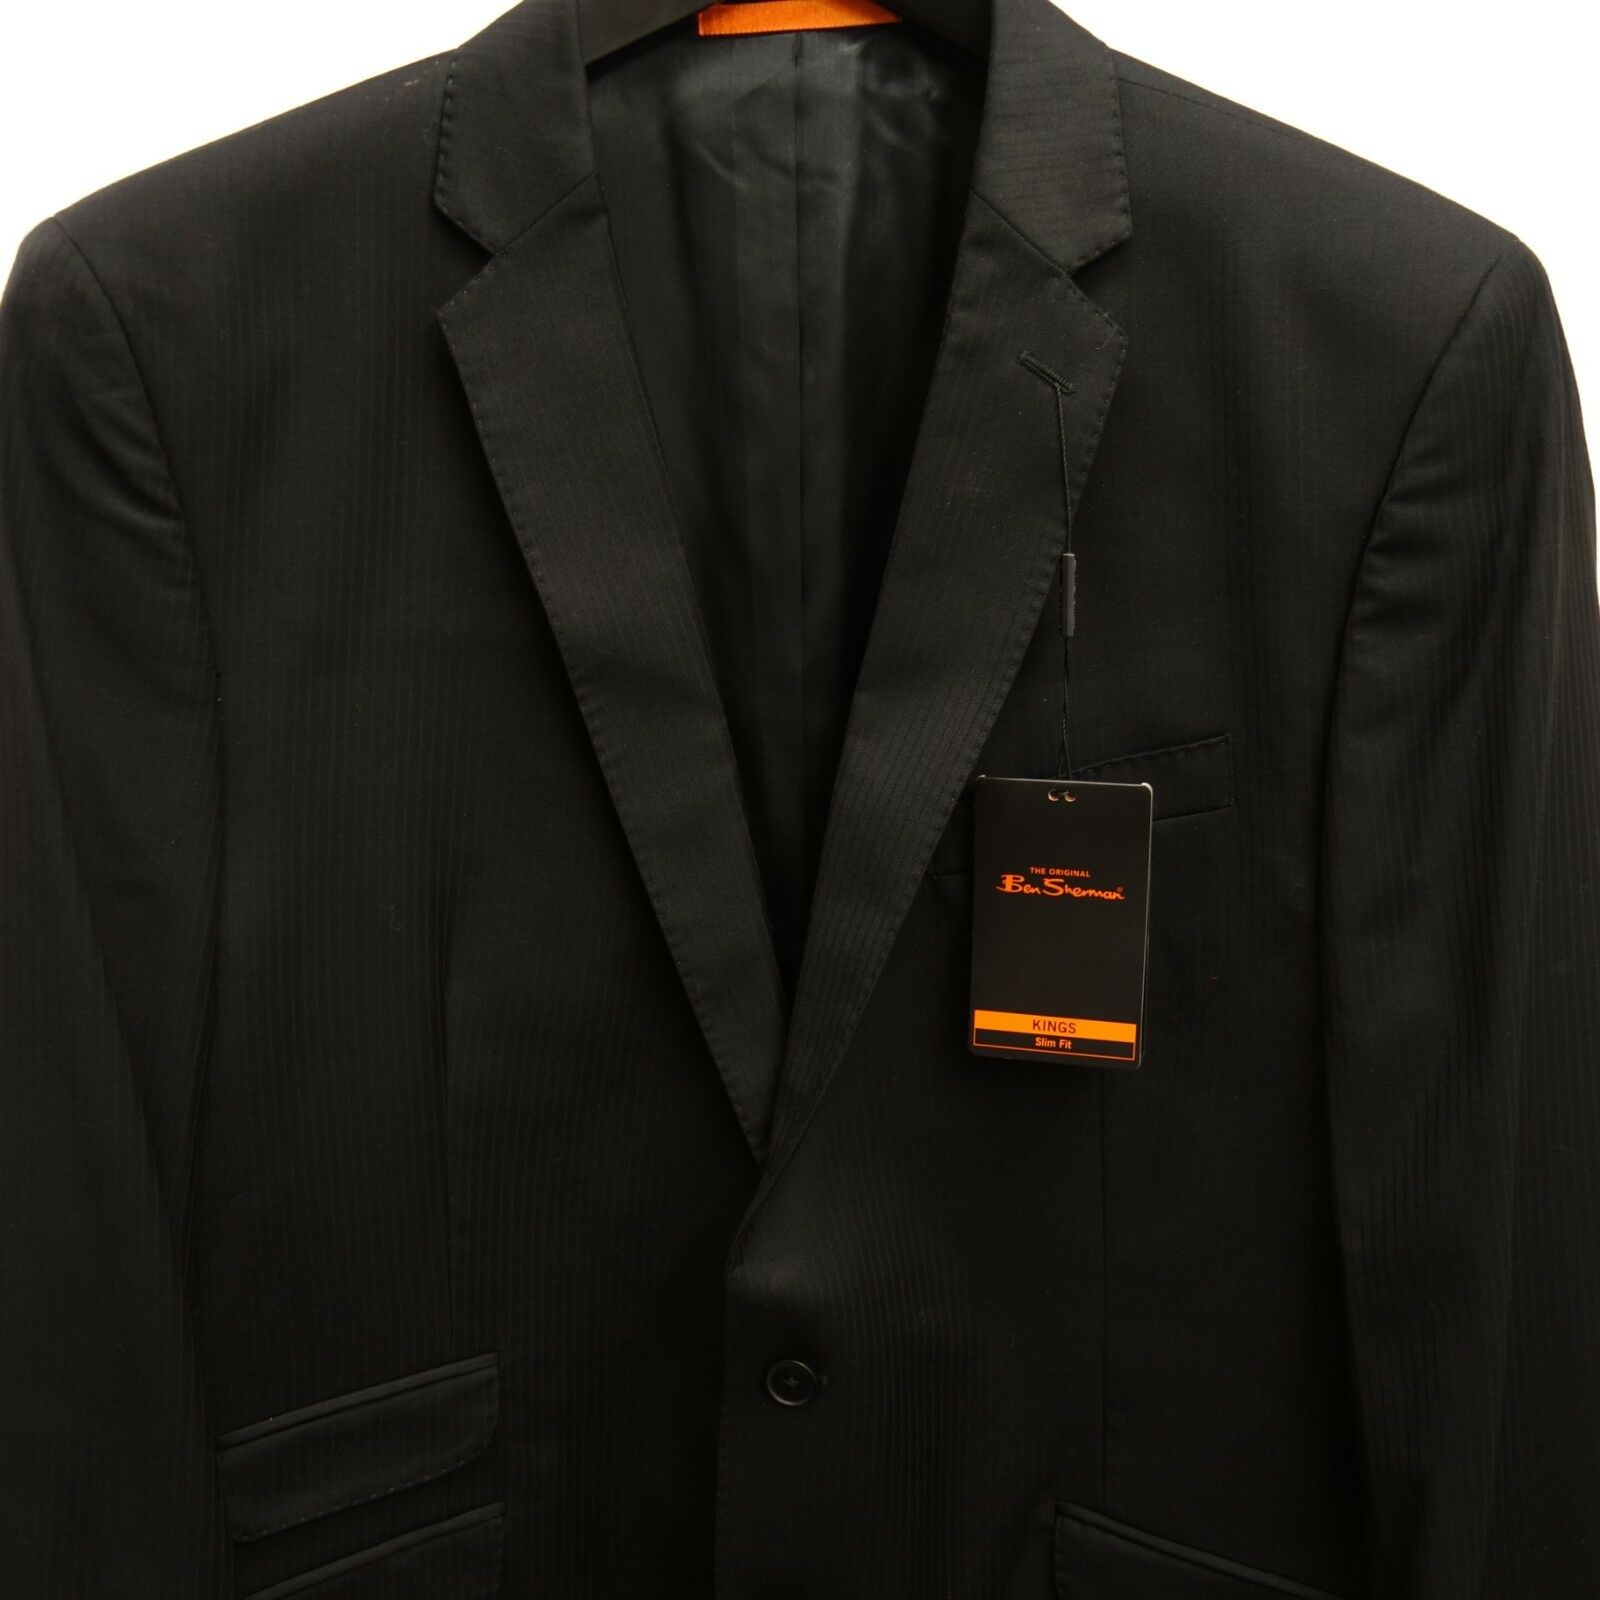 Neu Ben Sherman Herren Zwei Knopf Kings Enge Passform Schwarzer Blazer Größe 44     | Deutschland Shops  | Reparieren  | Ideales Geschenk für alle Gelegenheiten